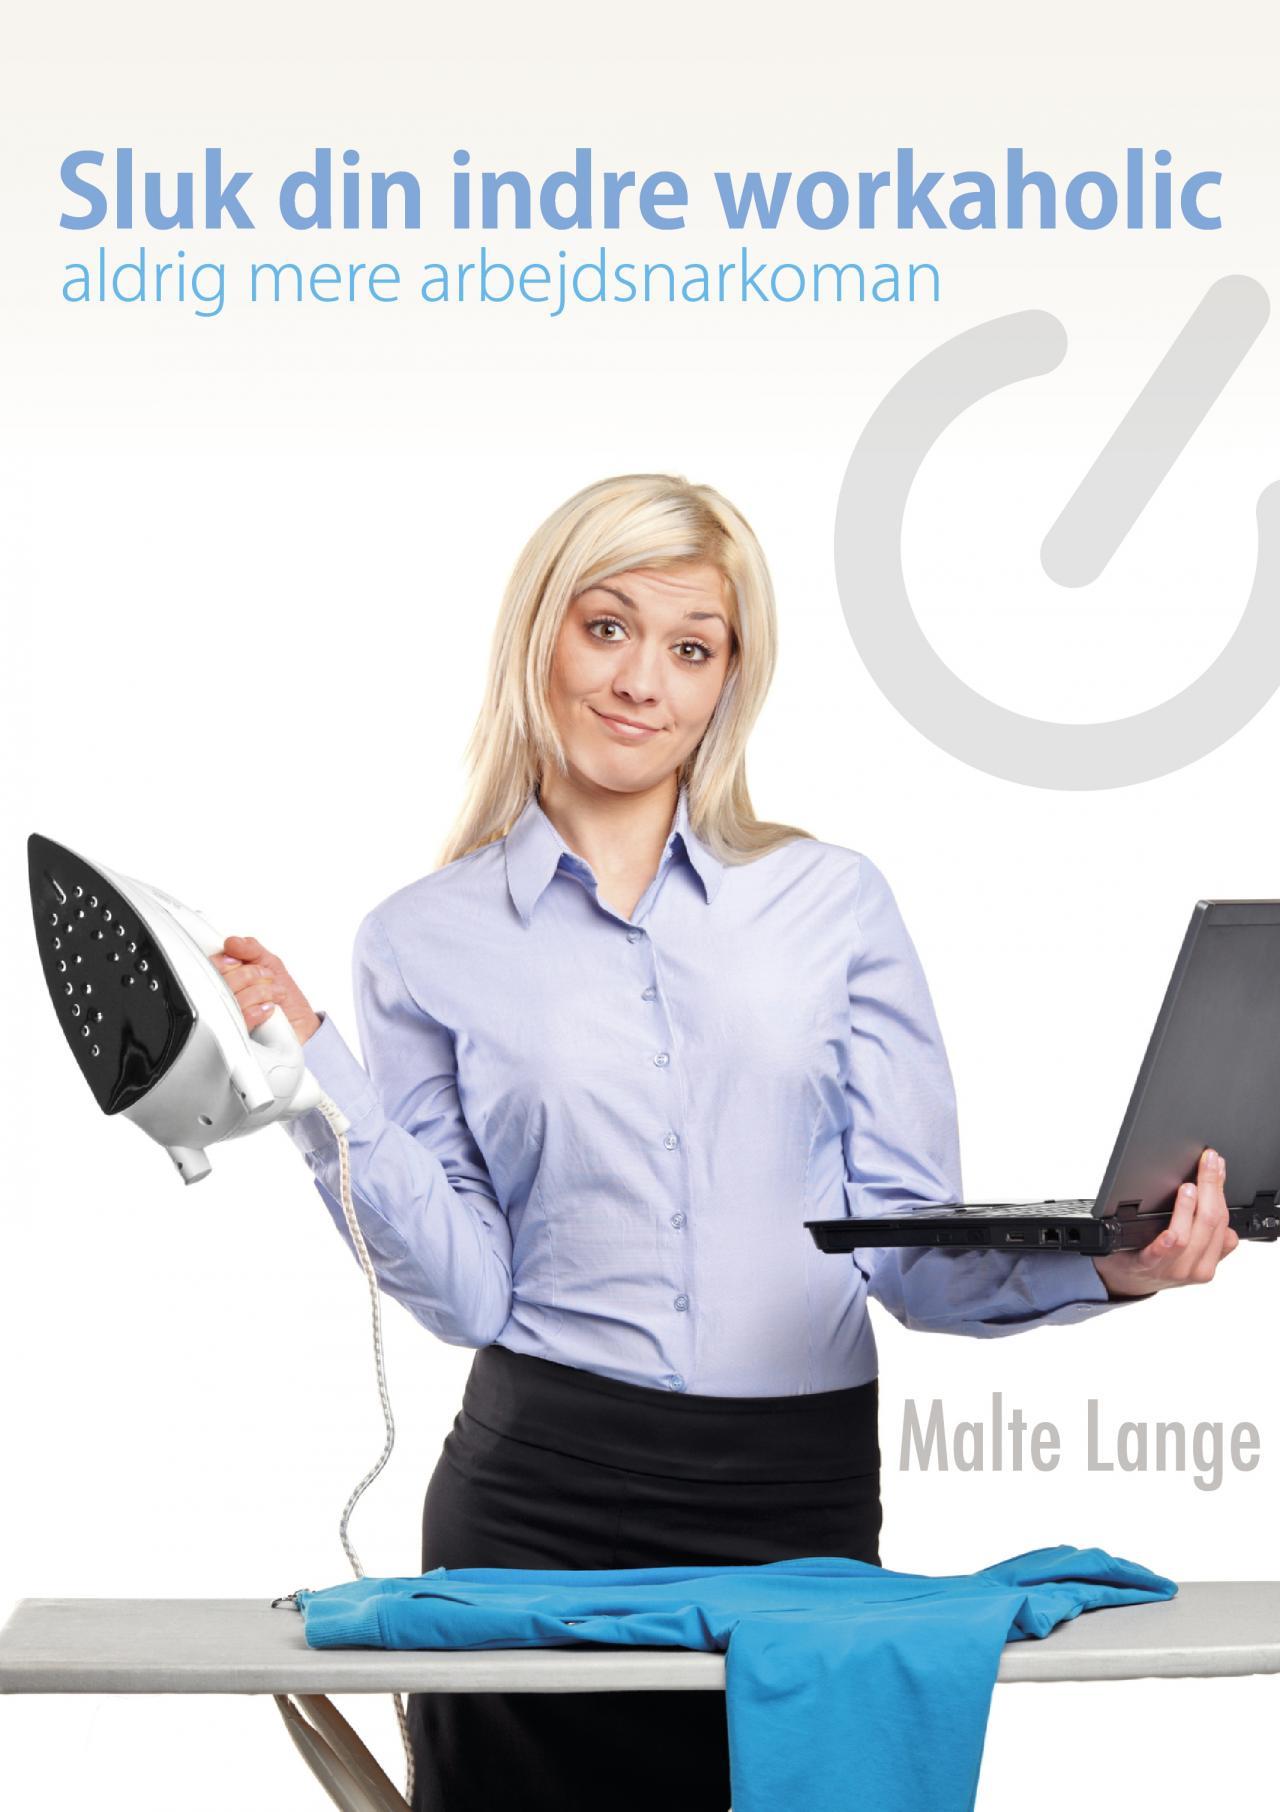 N/A – Sluk din indre workaholic - aldrig mere arbejdsnarkoman fra mindly.dk